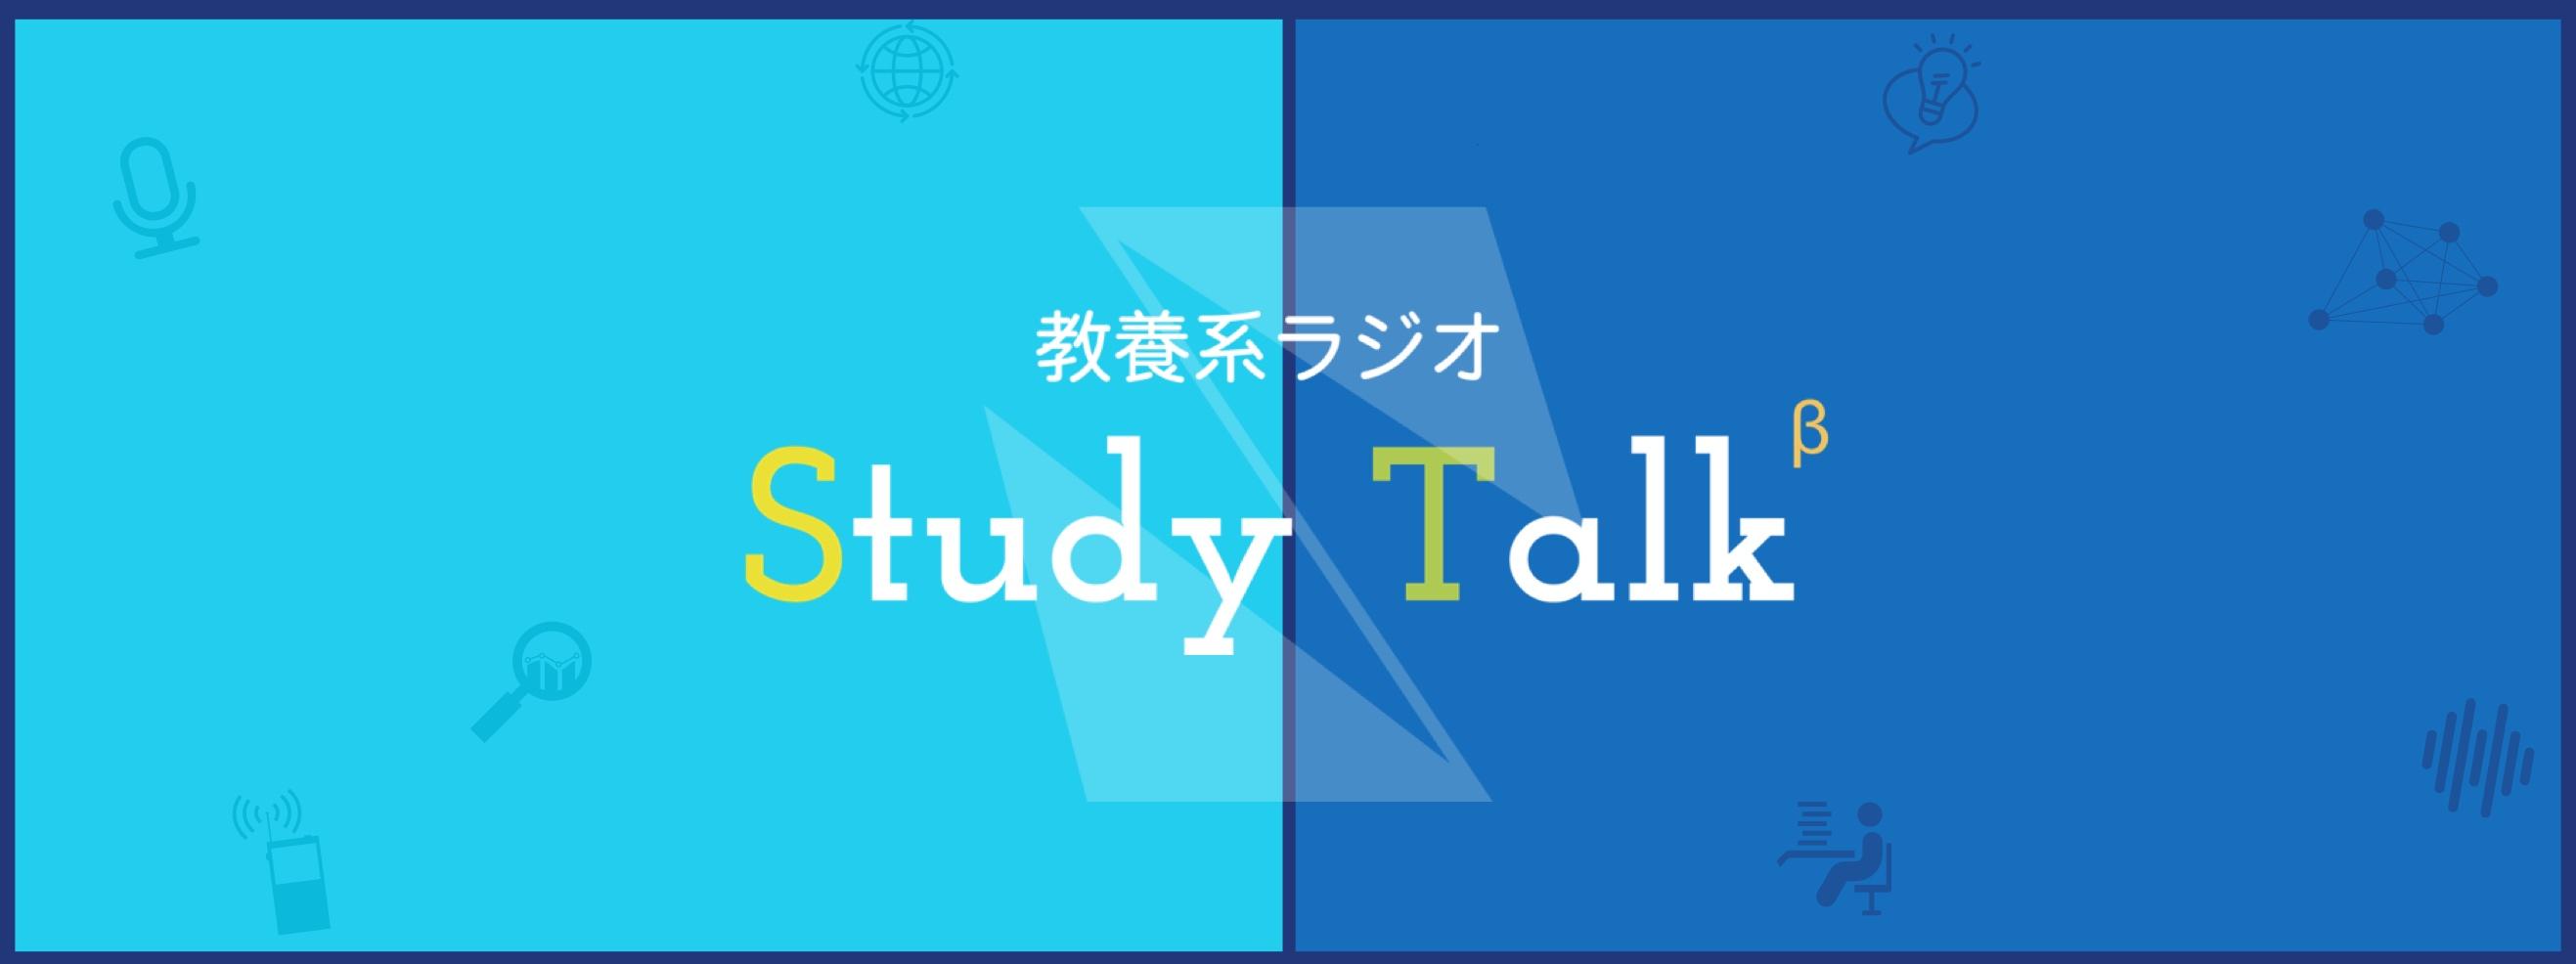 教養系ラジオ  Study Talk